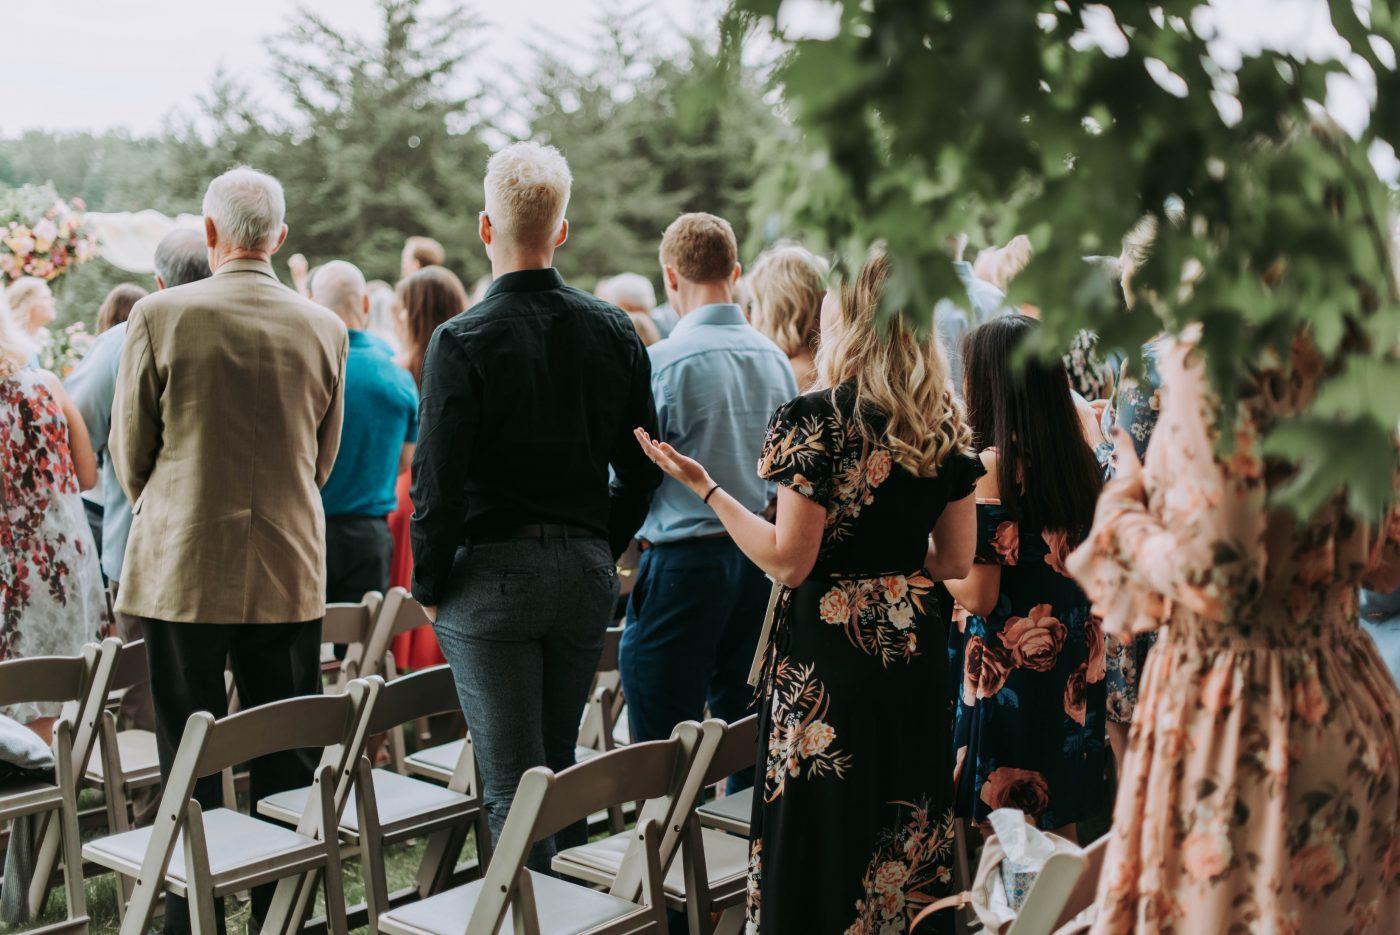 Wedding Venue Marketing Plan To Increase Your Revenue